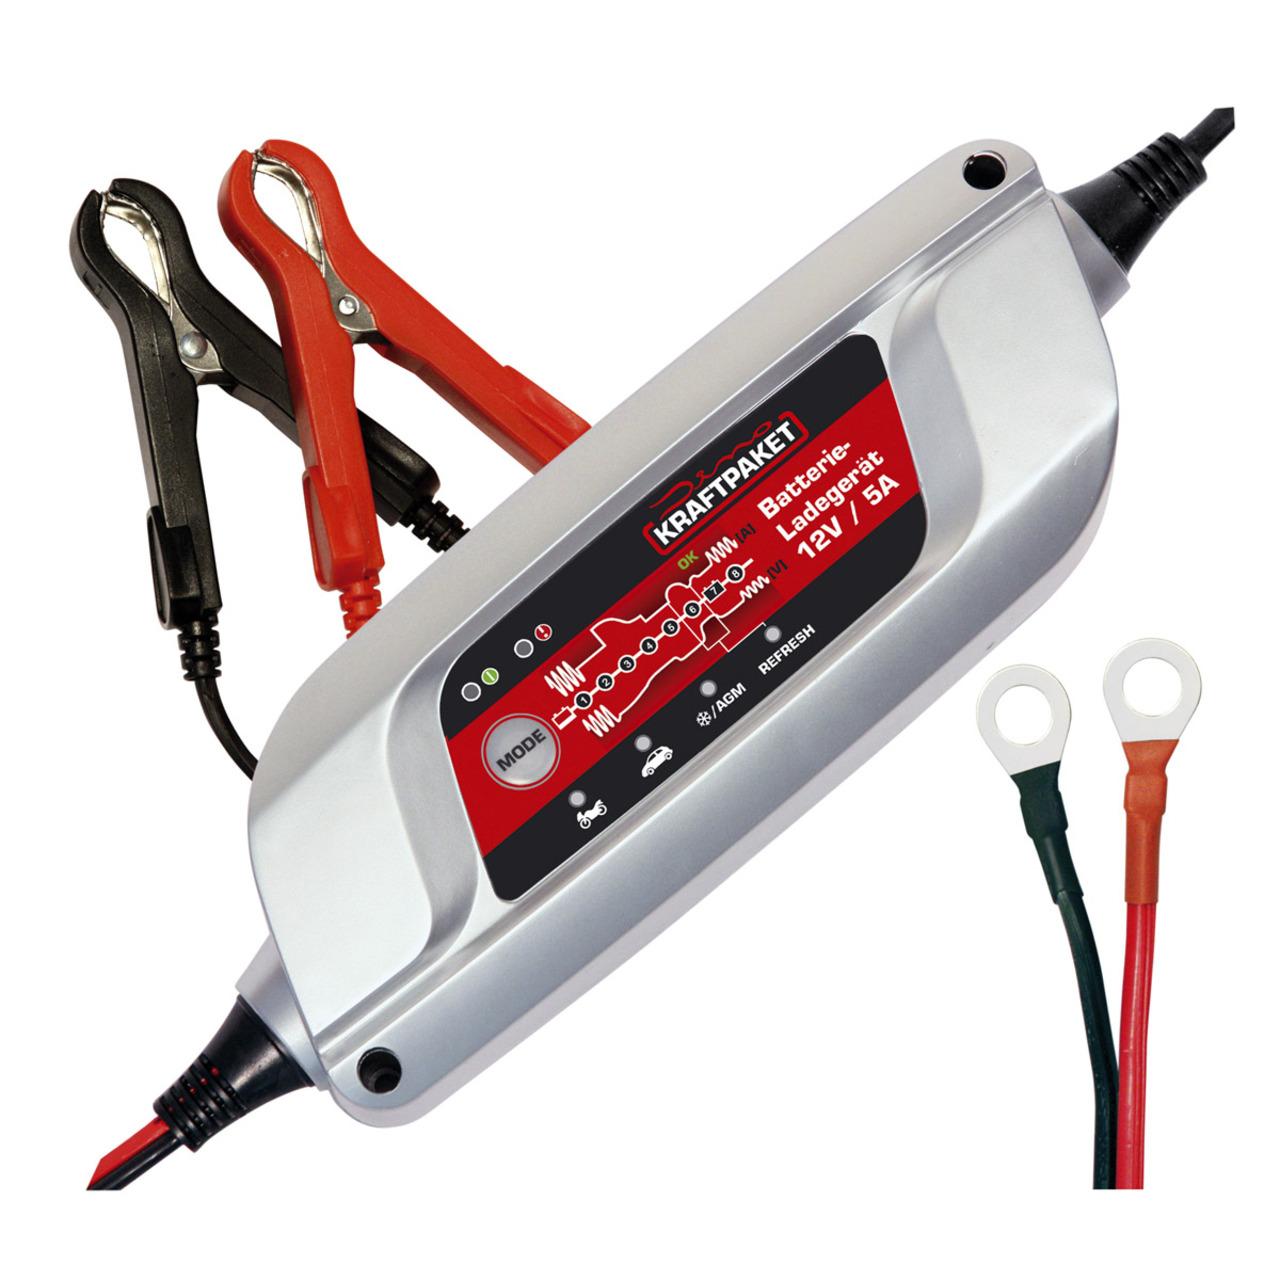 Dino KRAFTPAKET Batterieladegerät- 12 V- 5 A- mit Refresh-Funktion